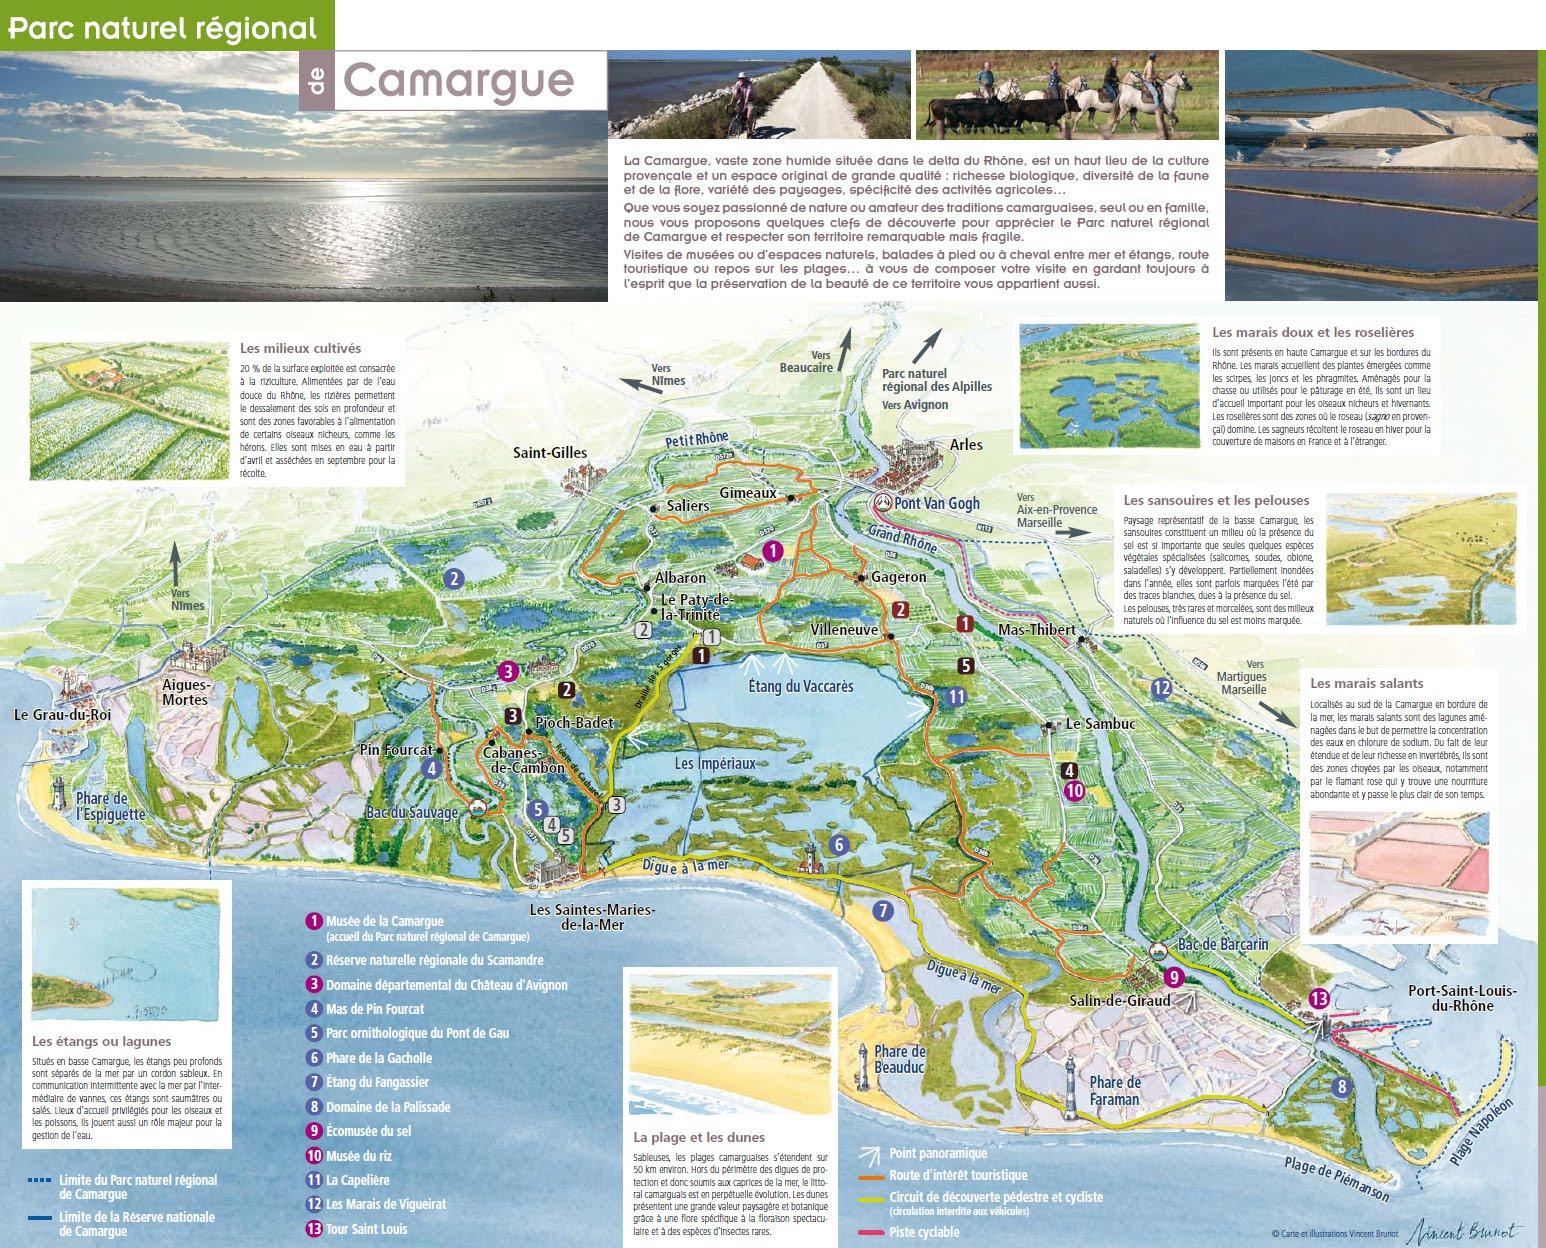 La Camarga Francesa Mapa.Blog Personal De Antonio Rodriguez Sinovas Diciembre 2011